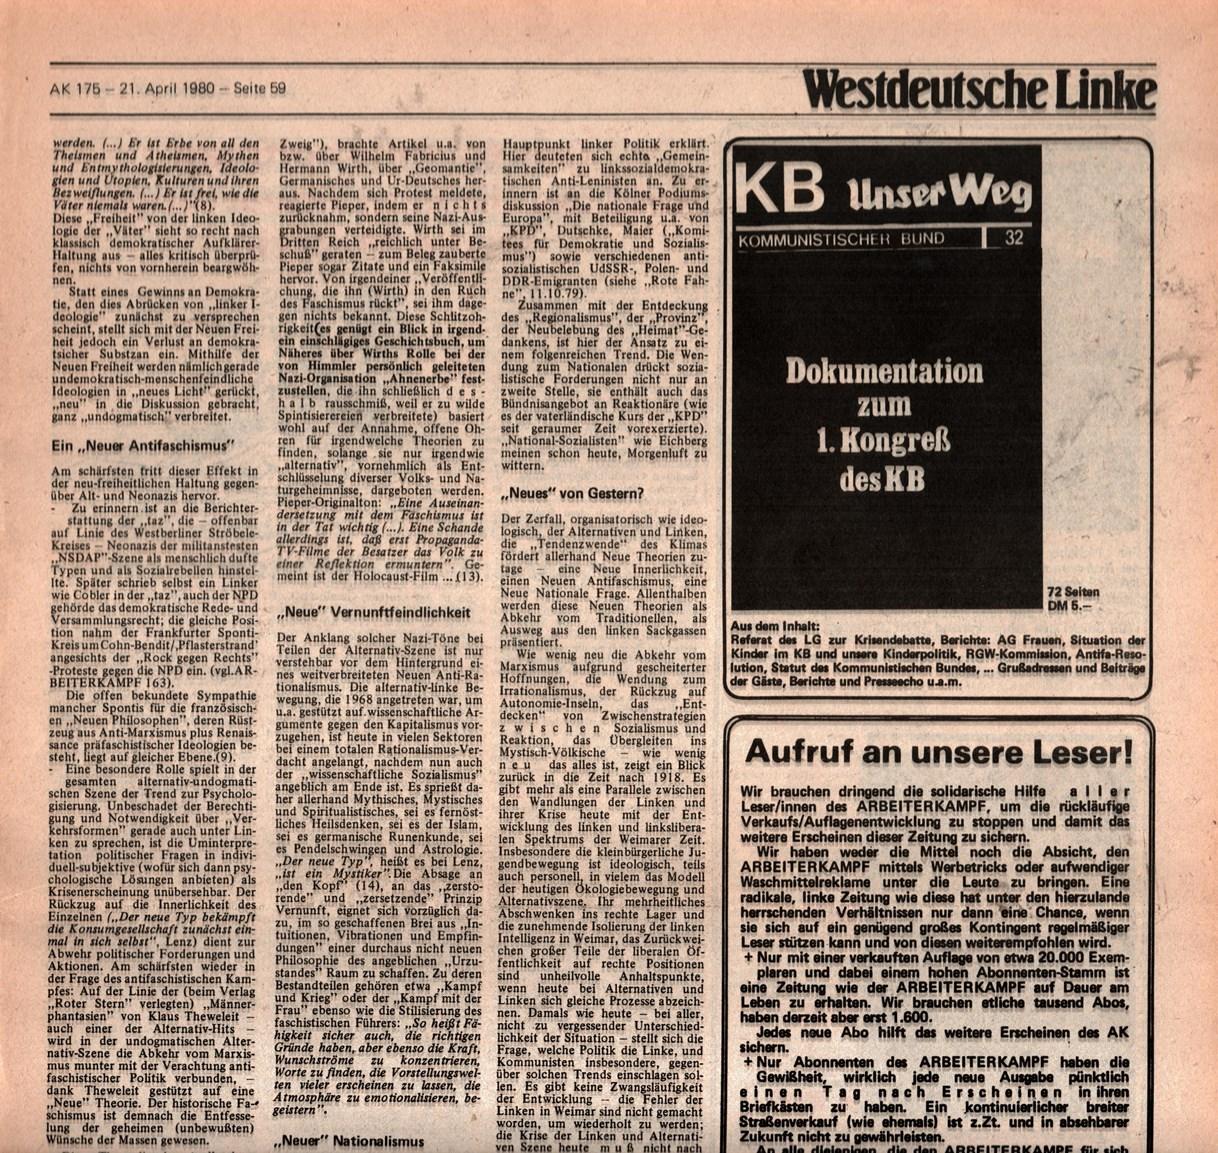 KB_AK_1980_175_116